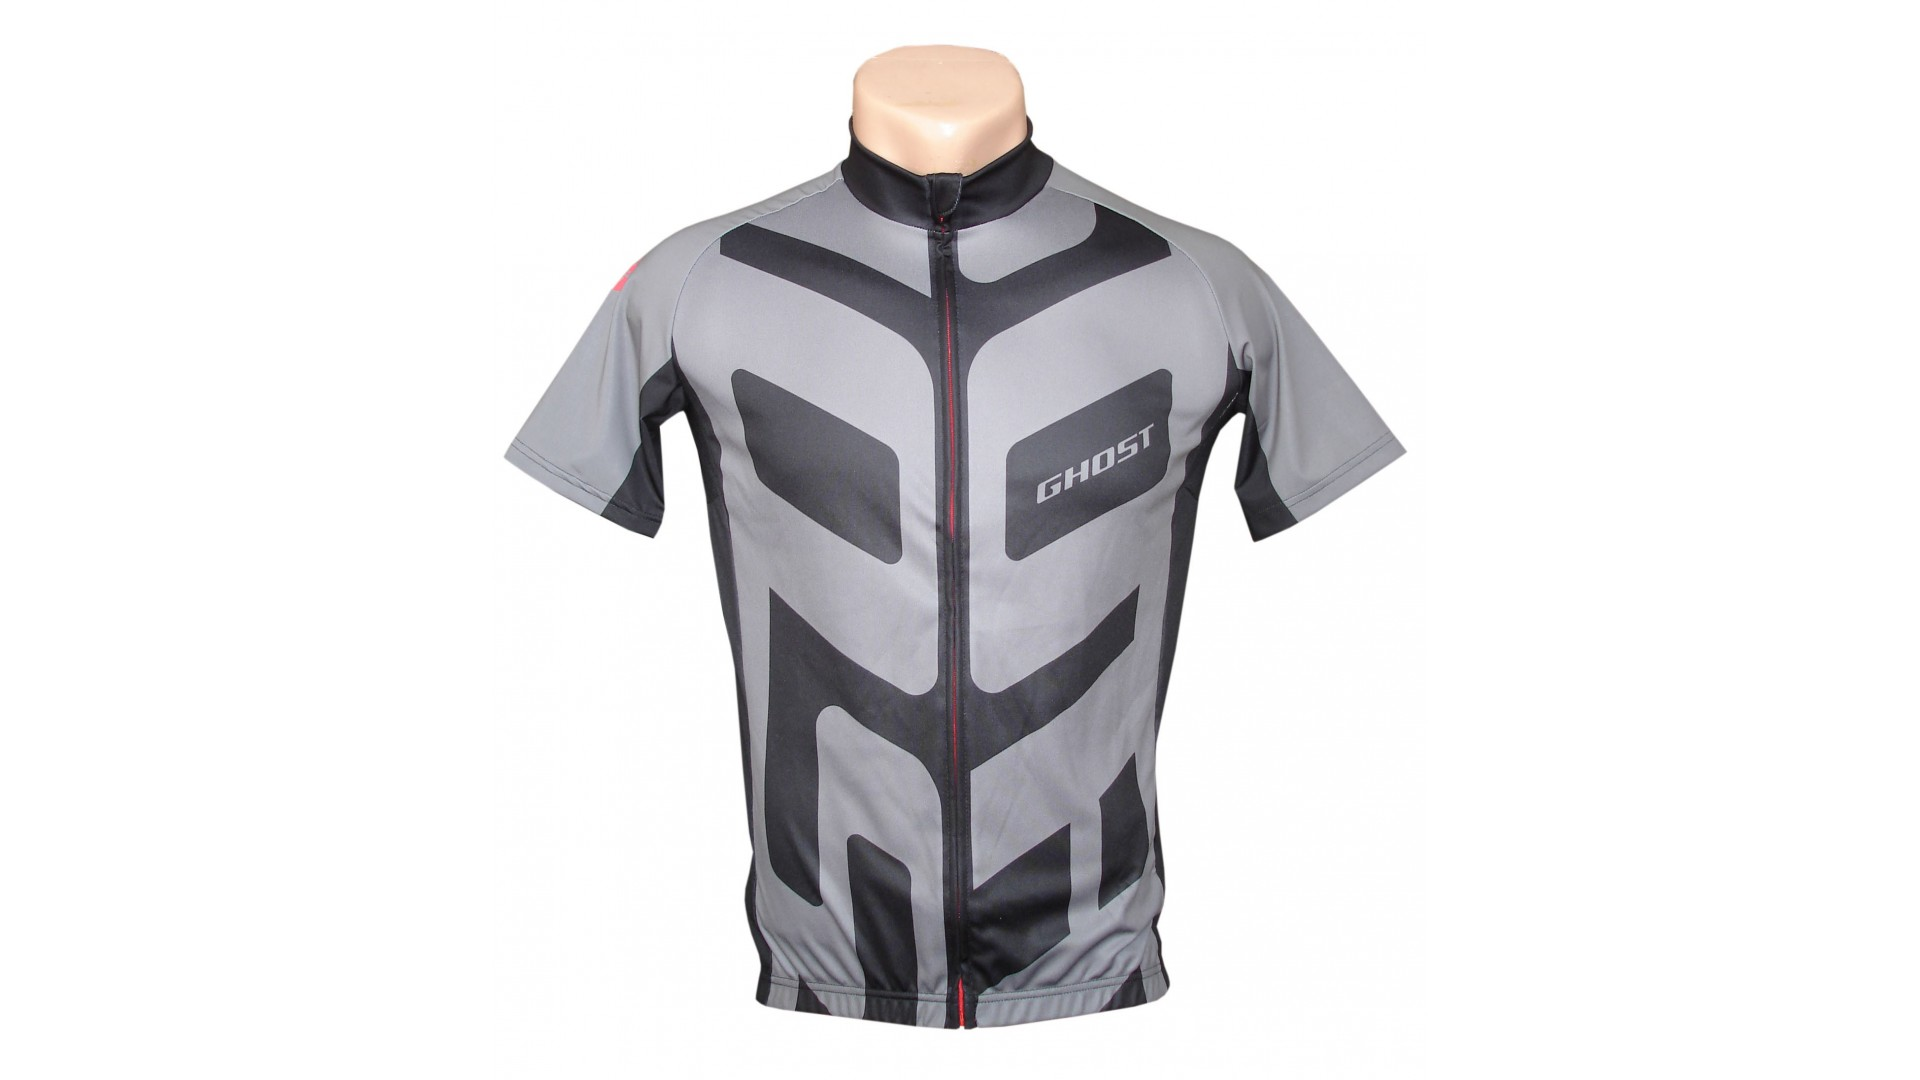 Веломайка Ghost Performance Jersey Short с коротким рукавом grey/black год 2016